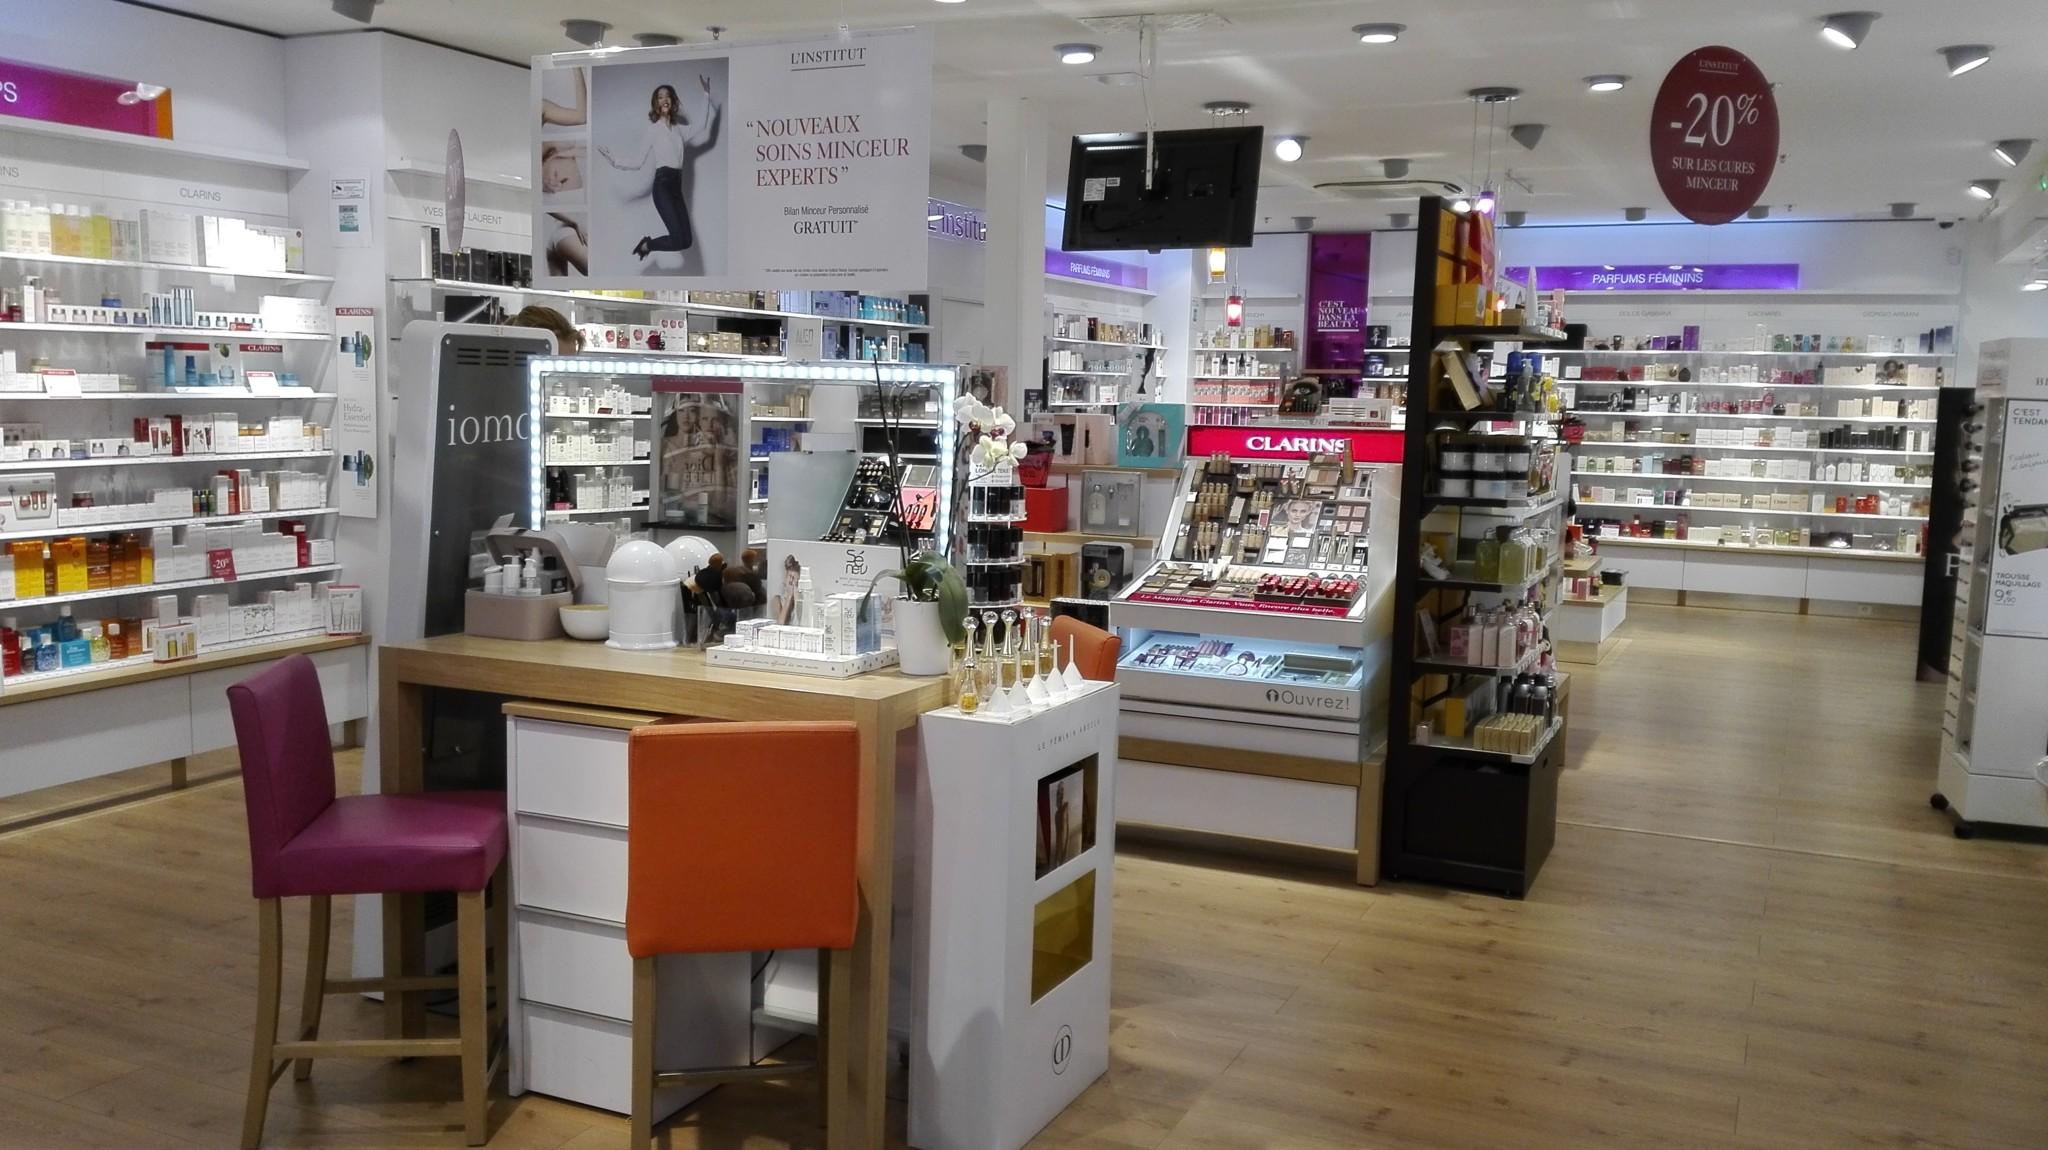 Beauty Success Commercial Carrefour Centre Alençon 0OwP8knX